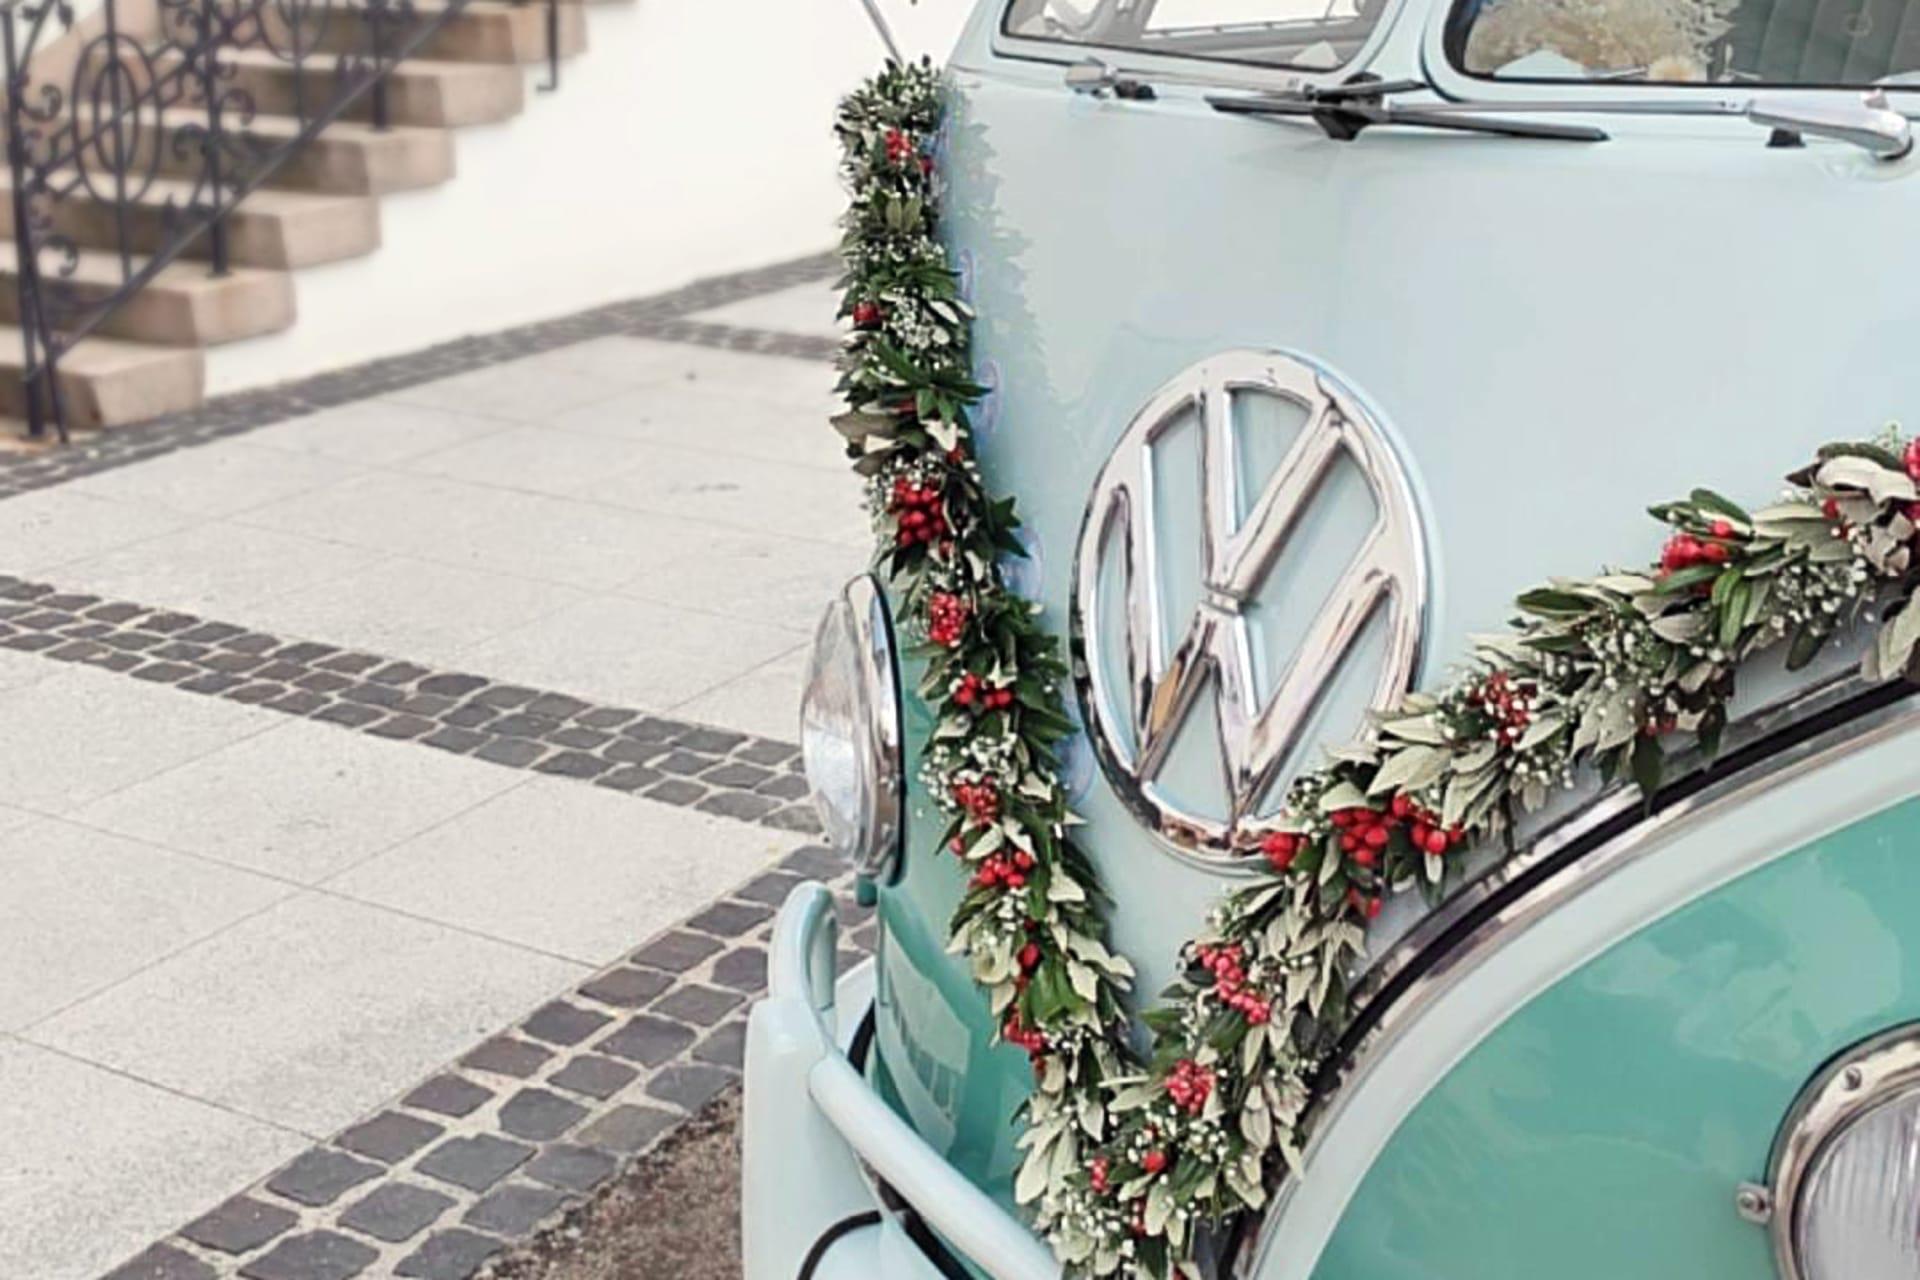 Echtblumengirlande in rot, weiß und Eukalyptus an einem Hochzeitsauto VW Bulli